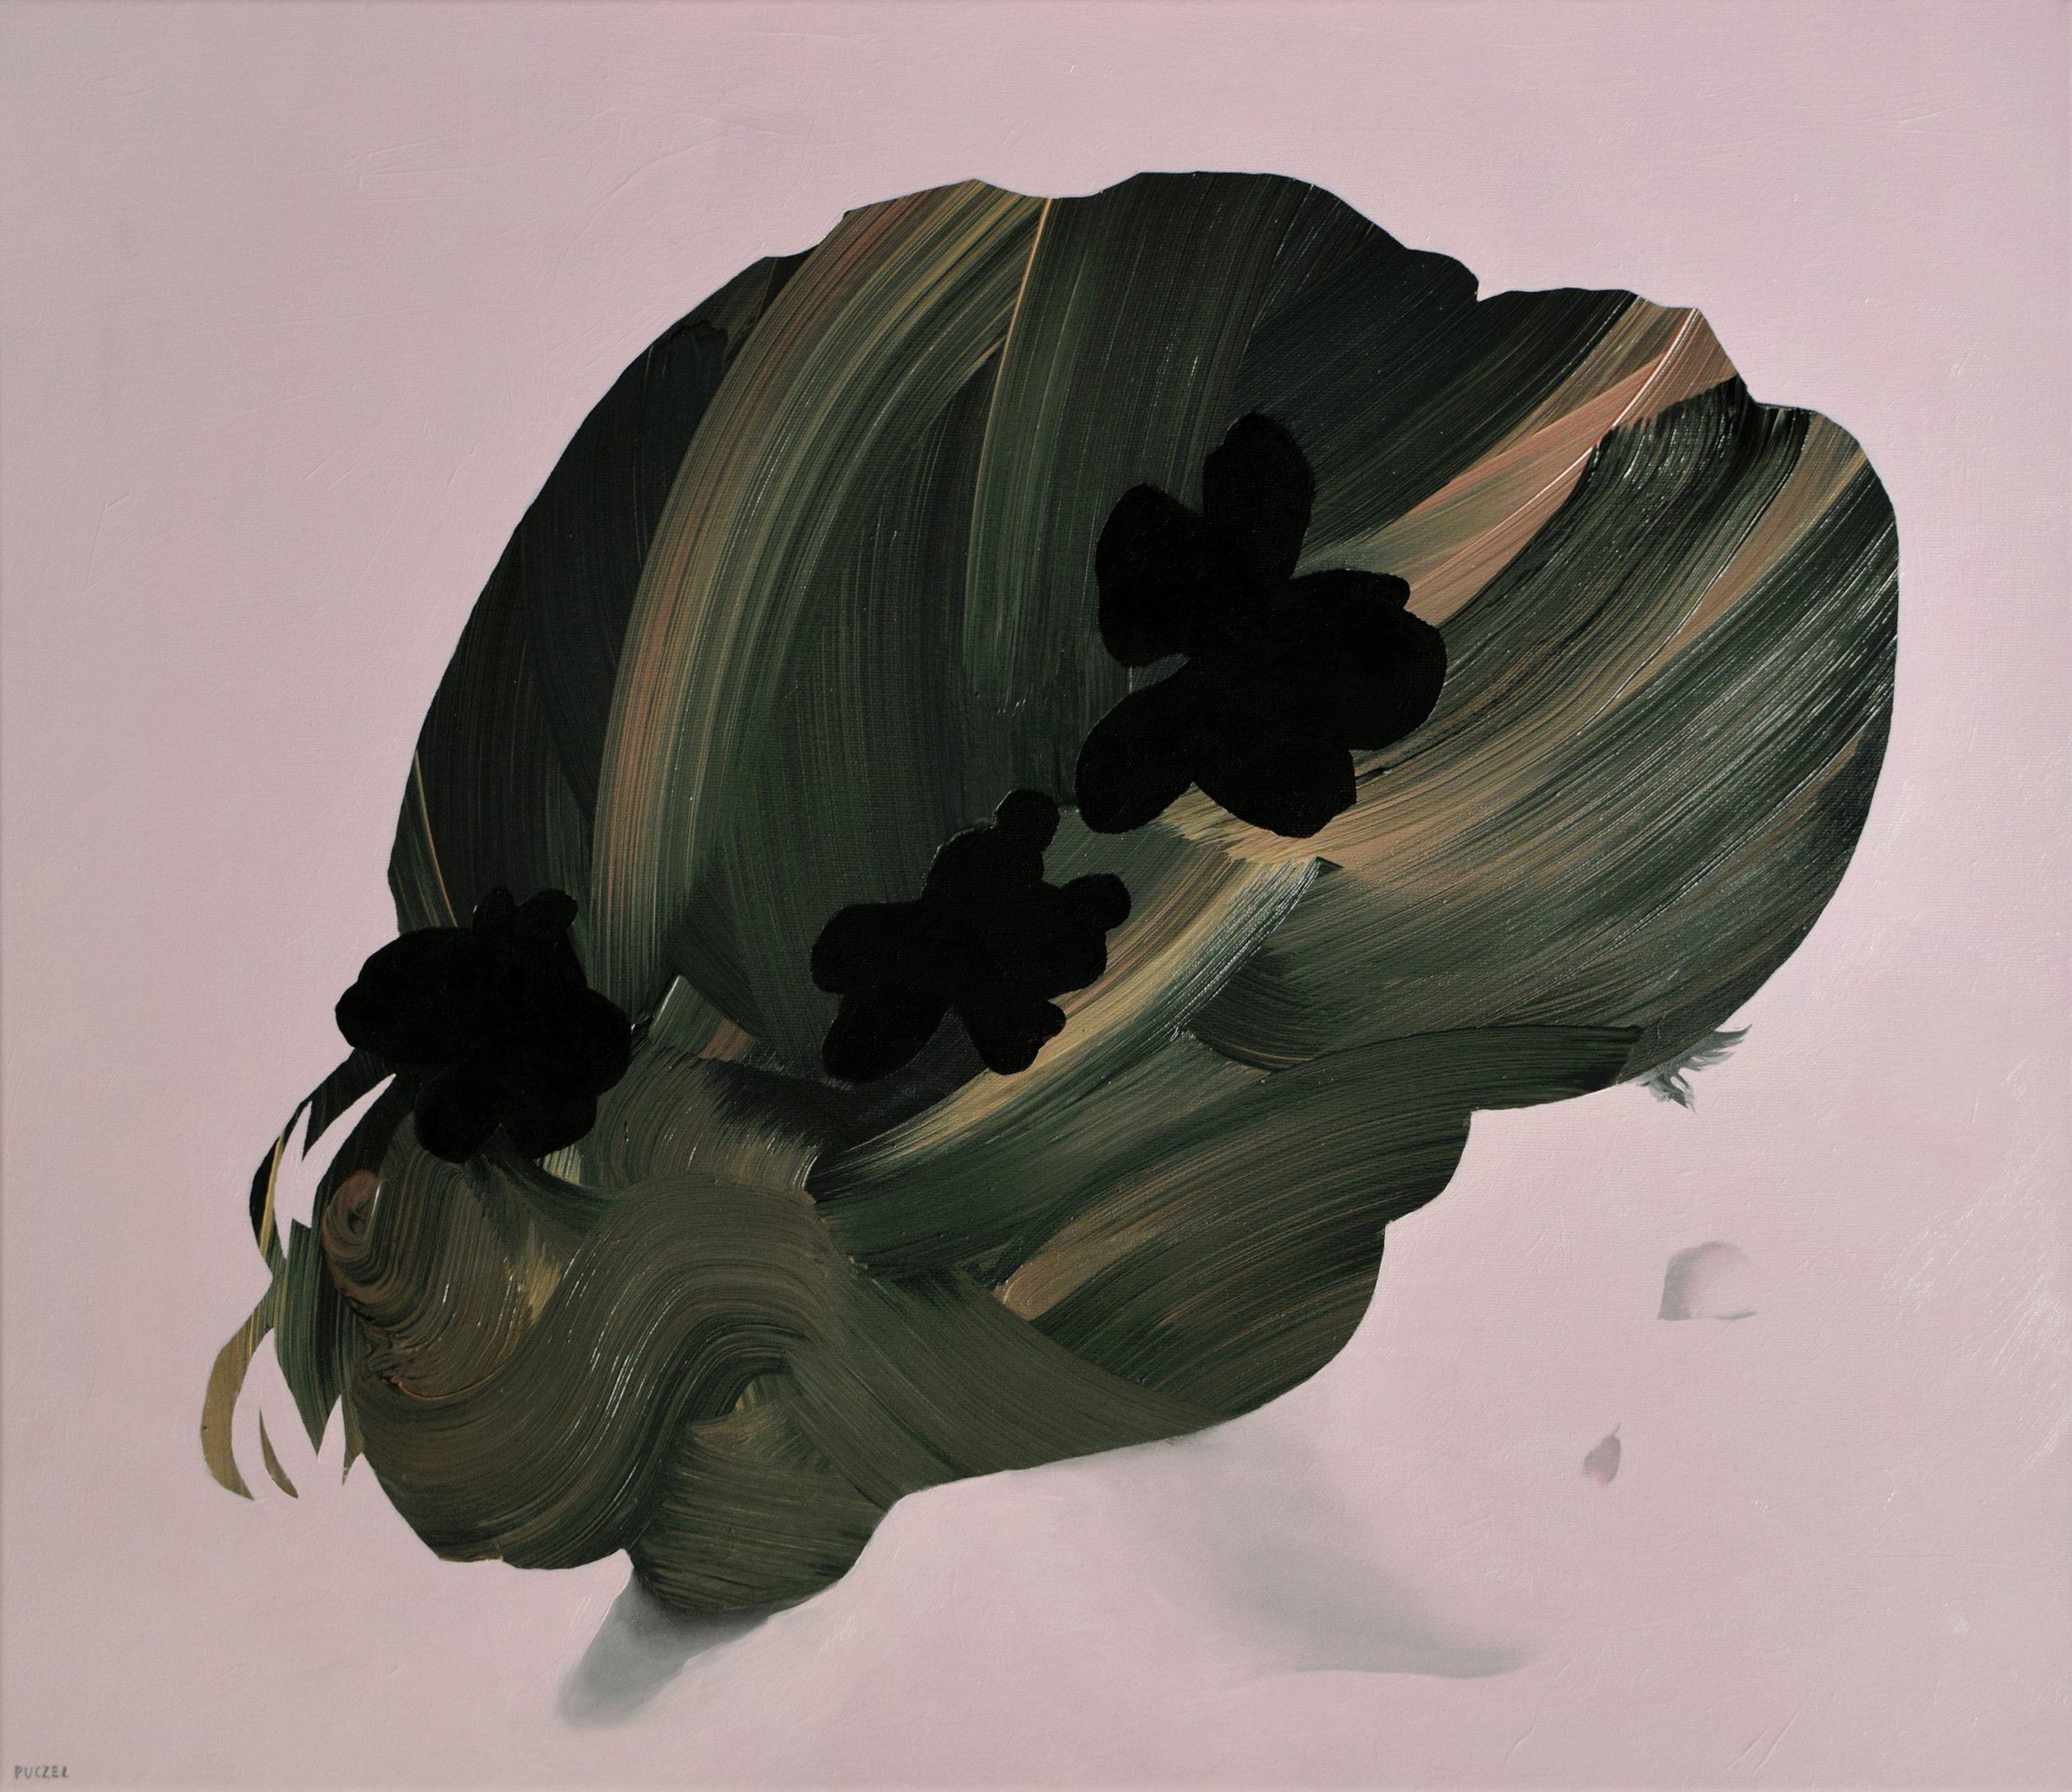 Black Flowers by Jarek Puczel